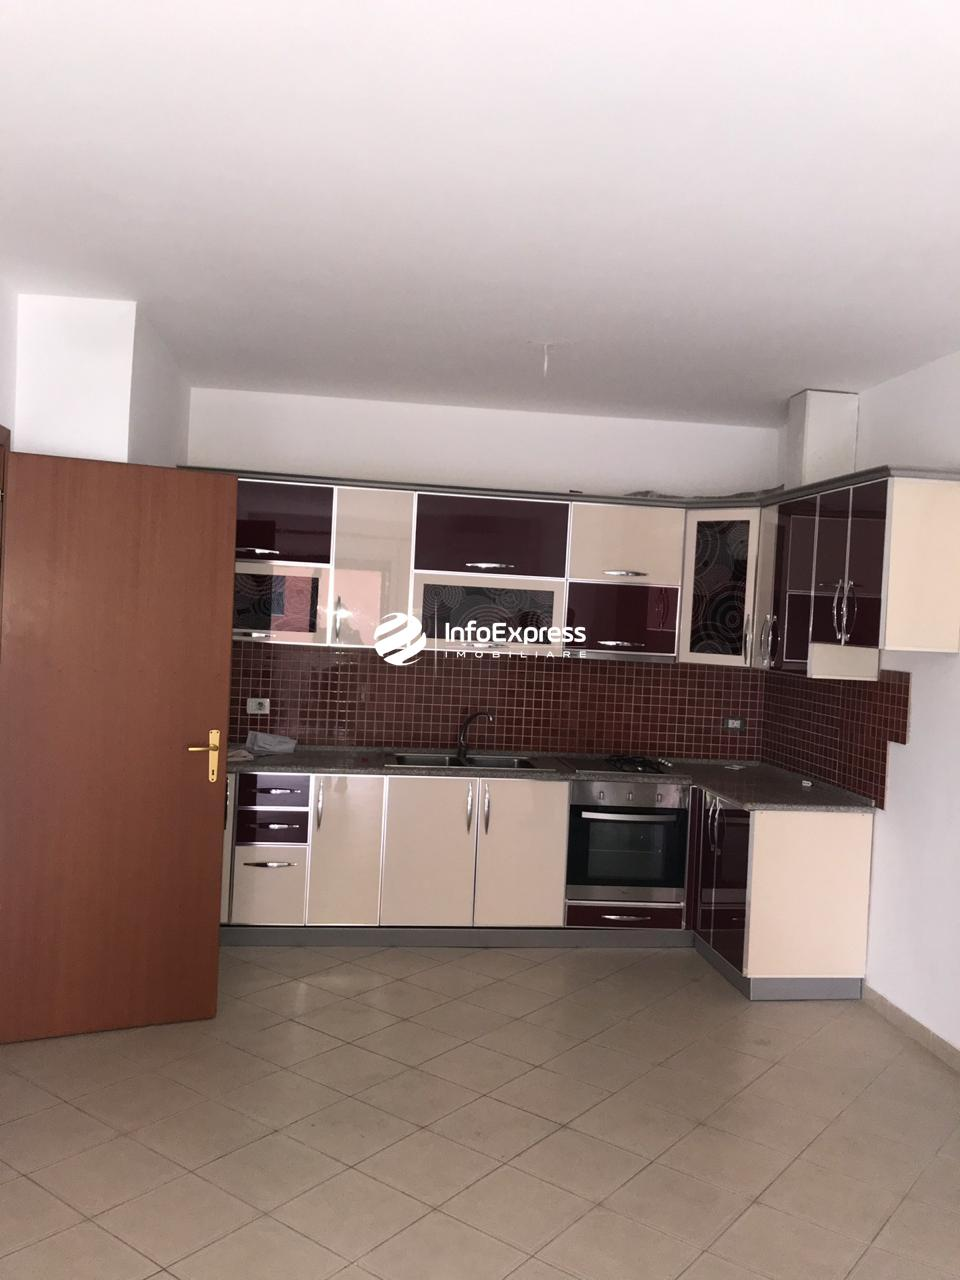 TRS-0618-1022 Shitet apartament 1+1 ndodhet ne rrugen e  rrugen  e Kavajes prane Deliorgjit